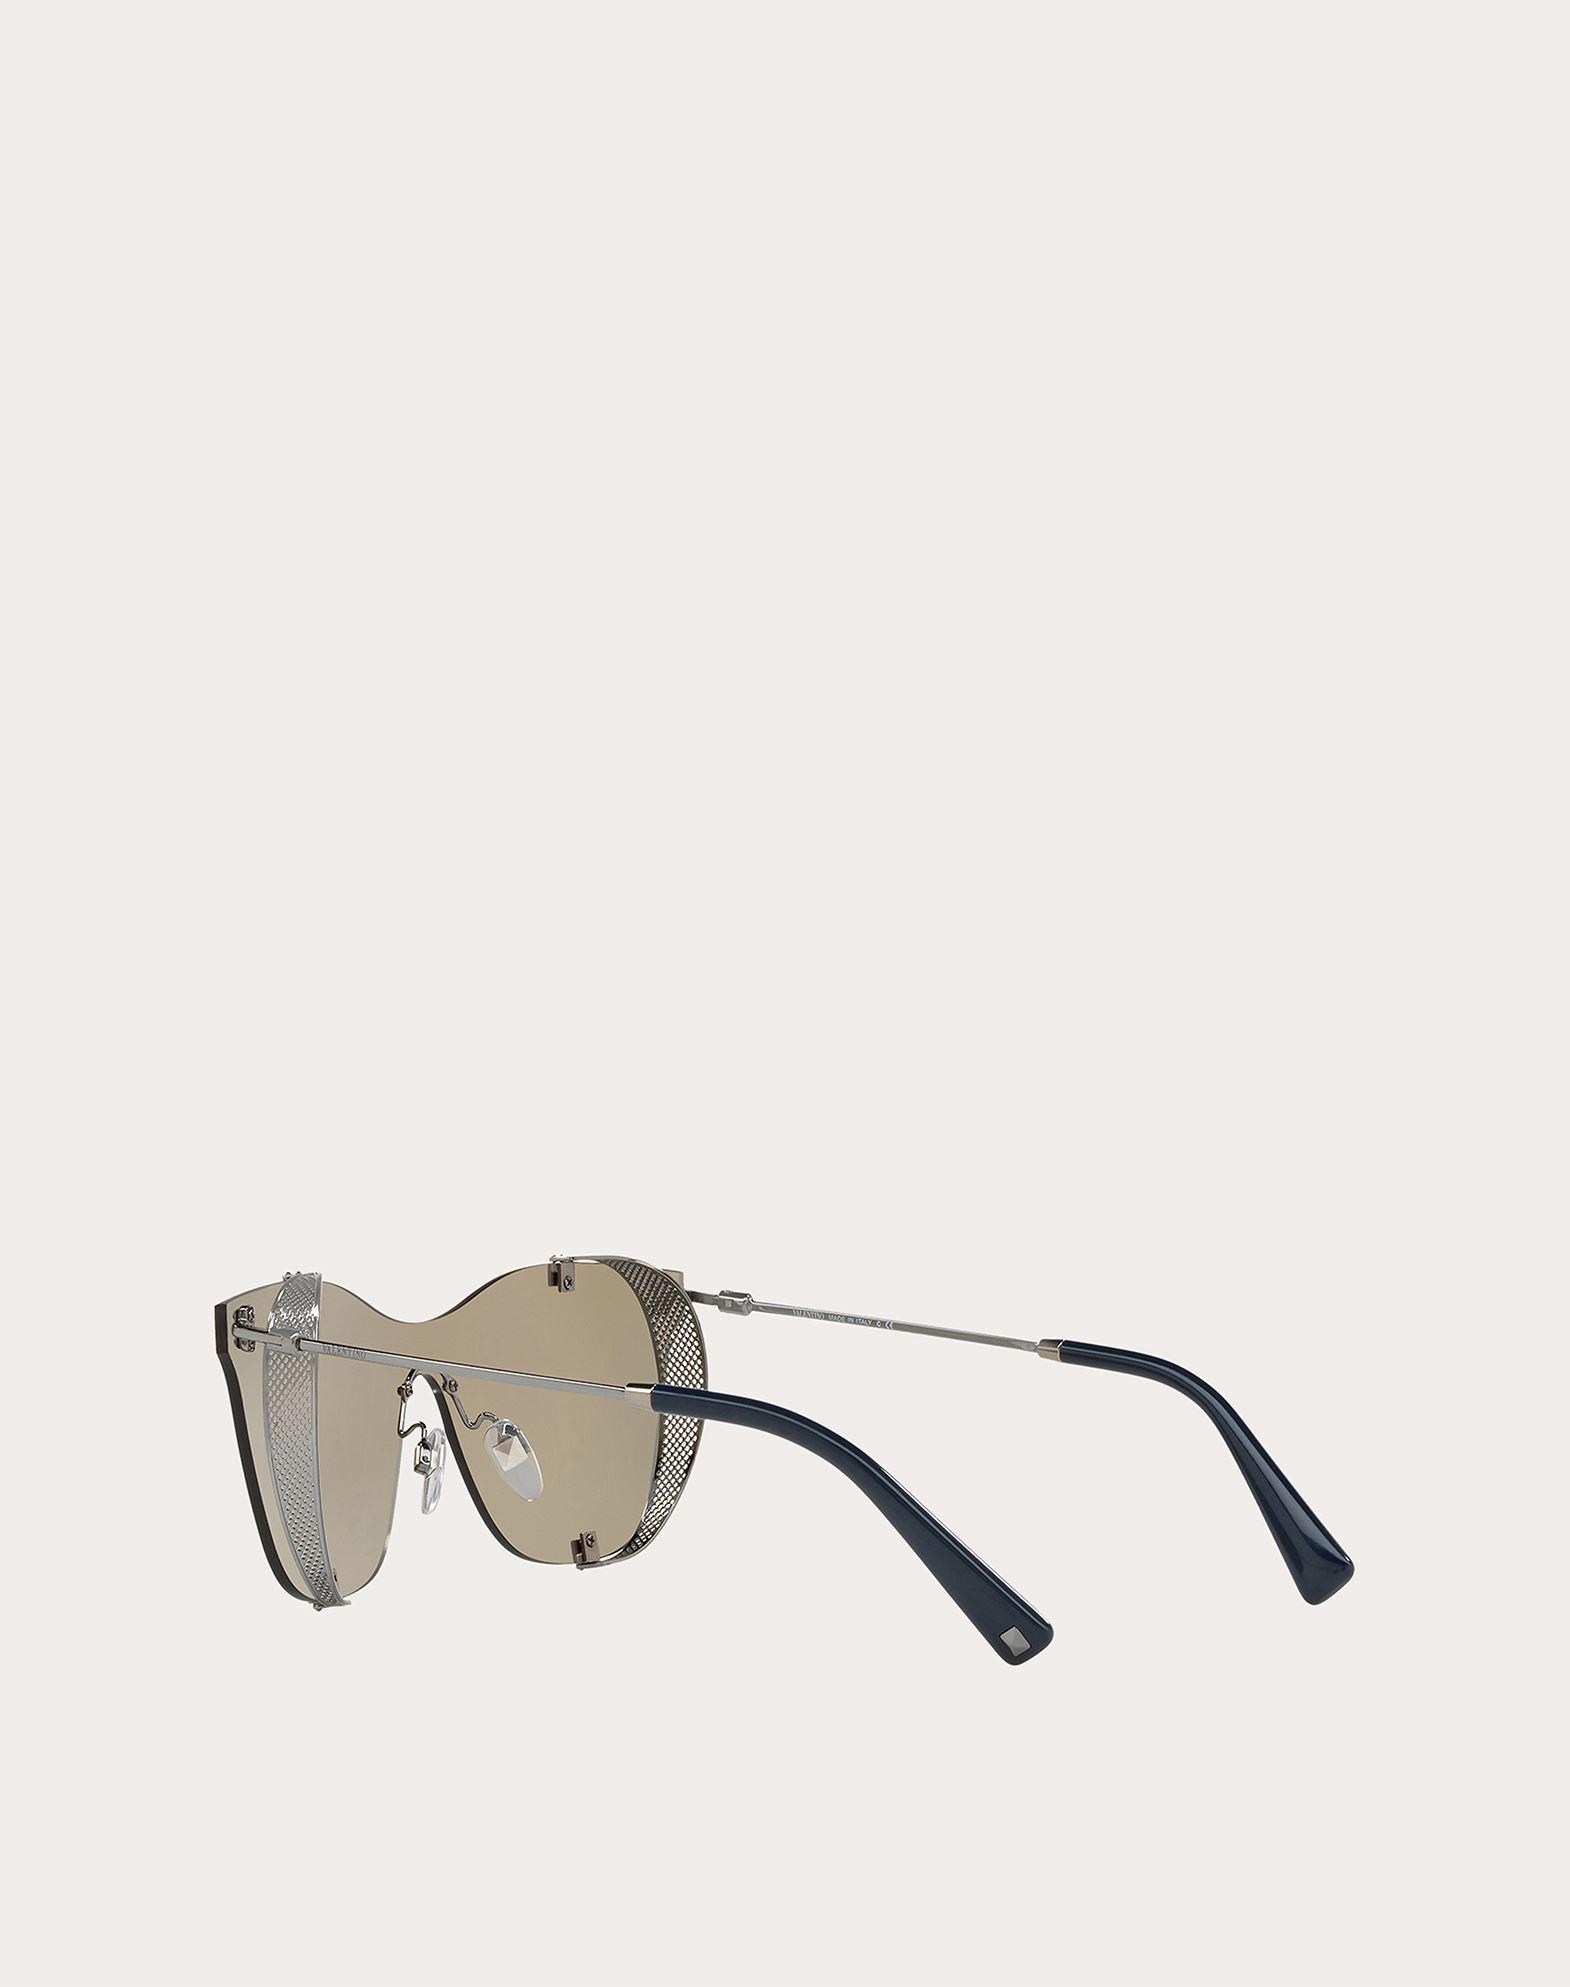 VALENTINO OCCHIALI Gafas de sol de metal Gafas de sol U e